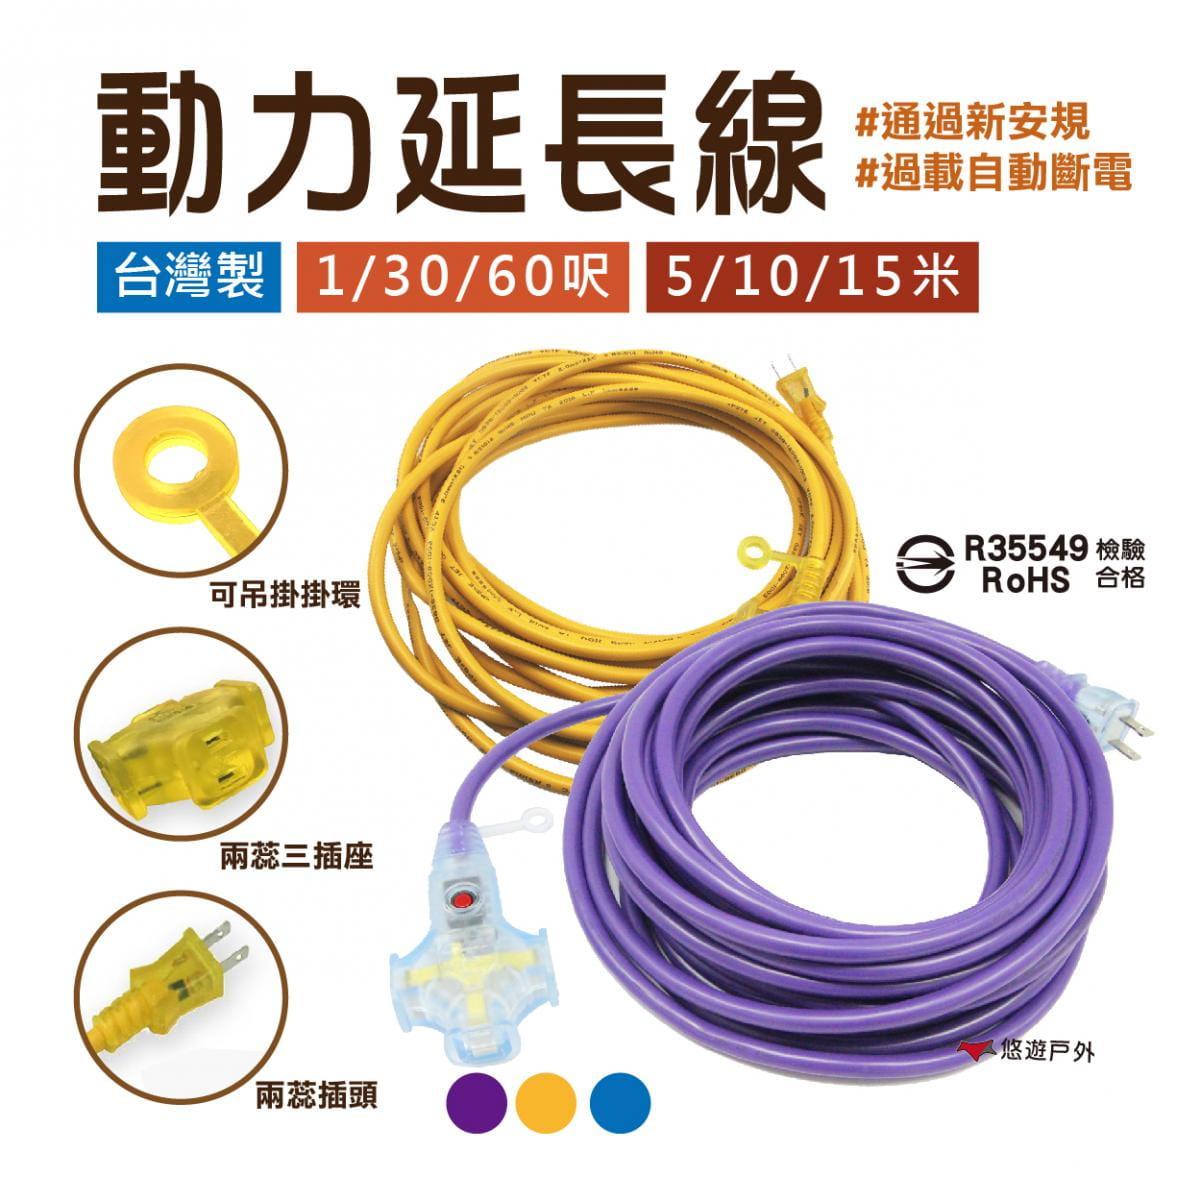 【悠遊】動力線 5米 新安規 附燈三插 延長線 動力軟線 電線 華塑塑膠 台灣製造 登山  悠遊戶外